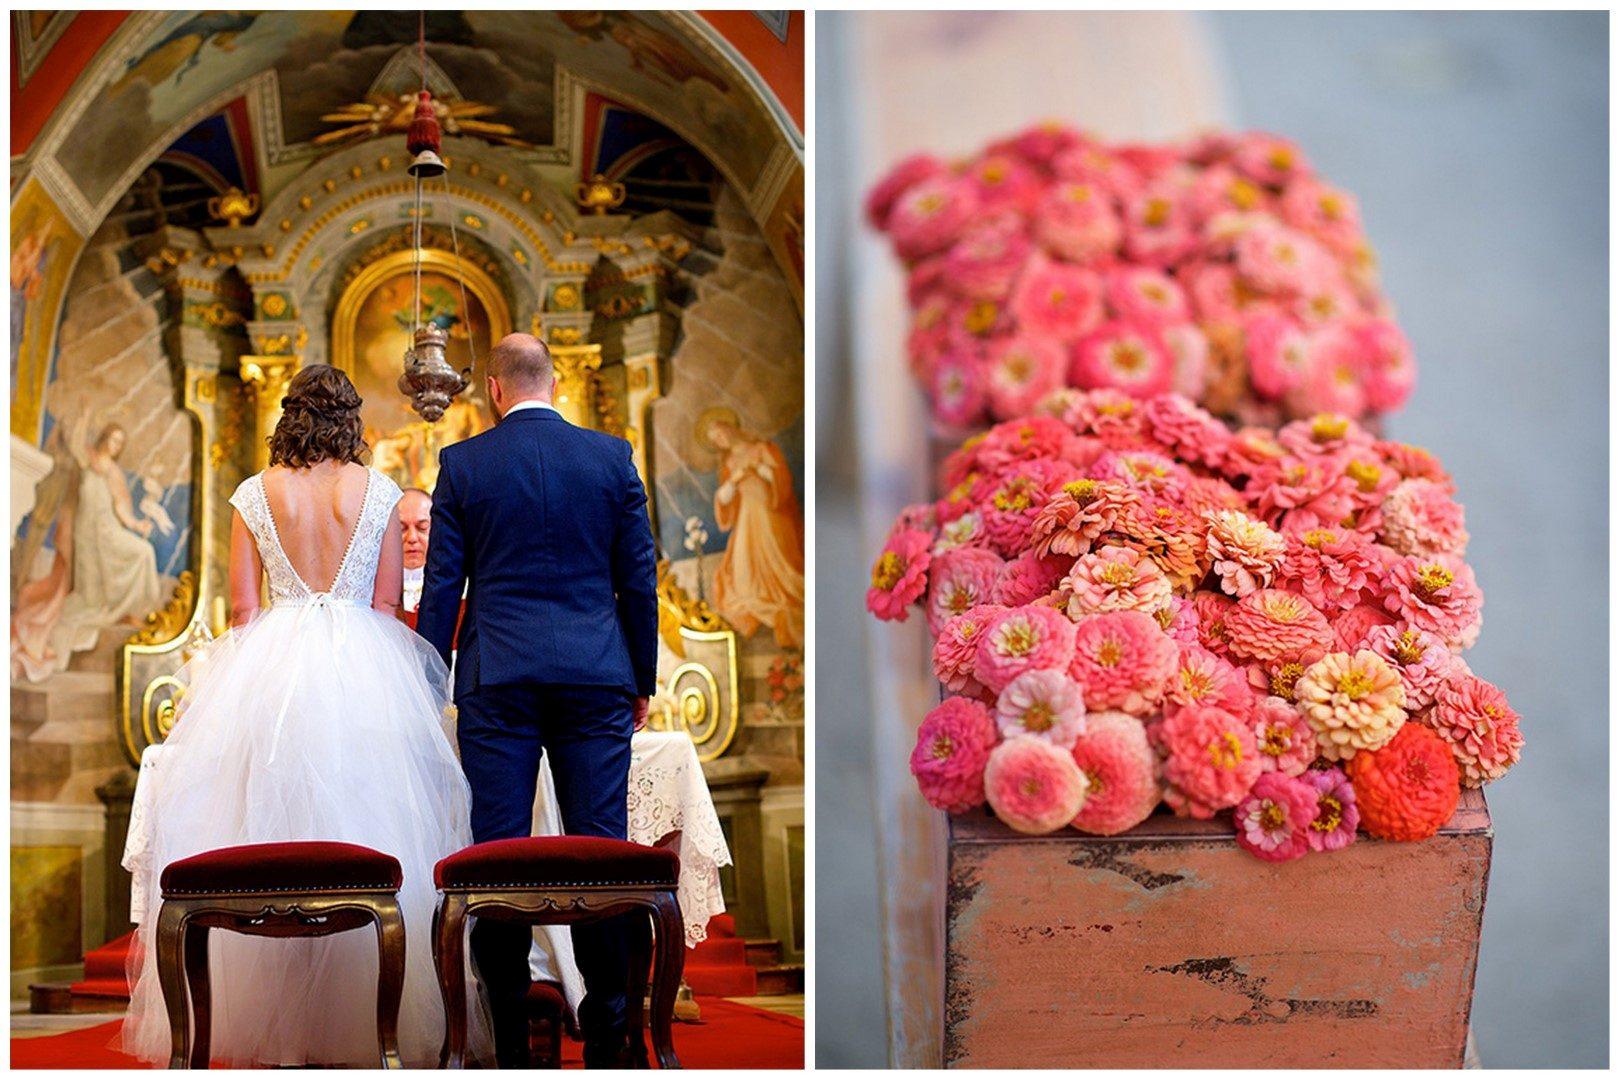 ,gyenes szilvi,skanzen,dekor,dekoráció,esküvői dekor,esküvői dekoráció,skanzen esküvő,herczeg zoltán,esküvői inspiráció,